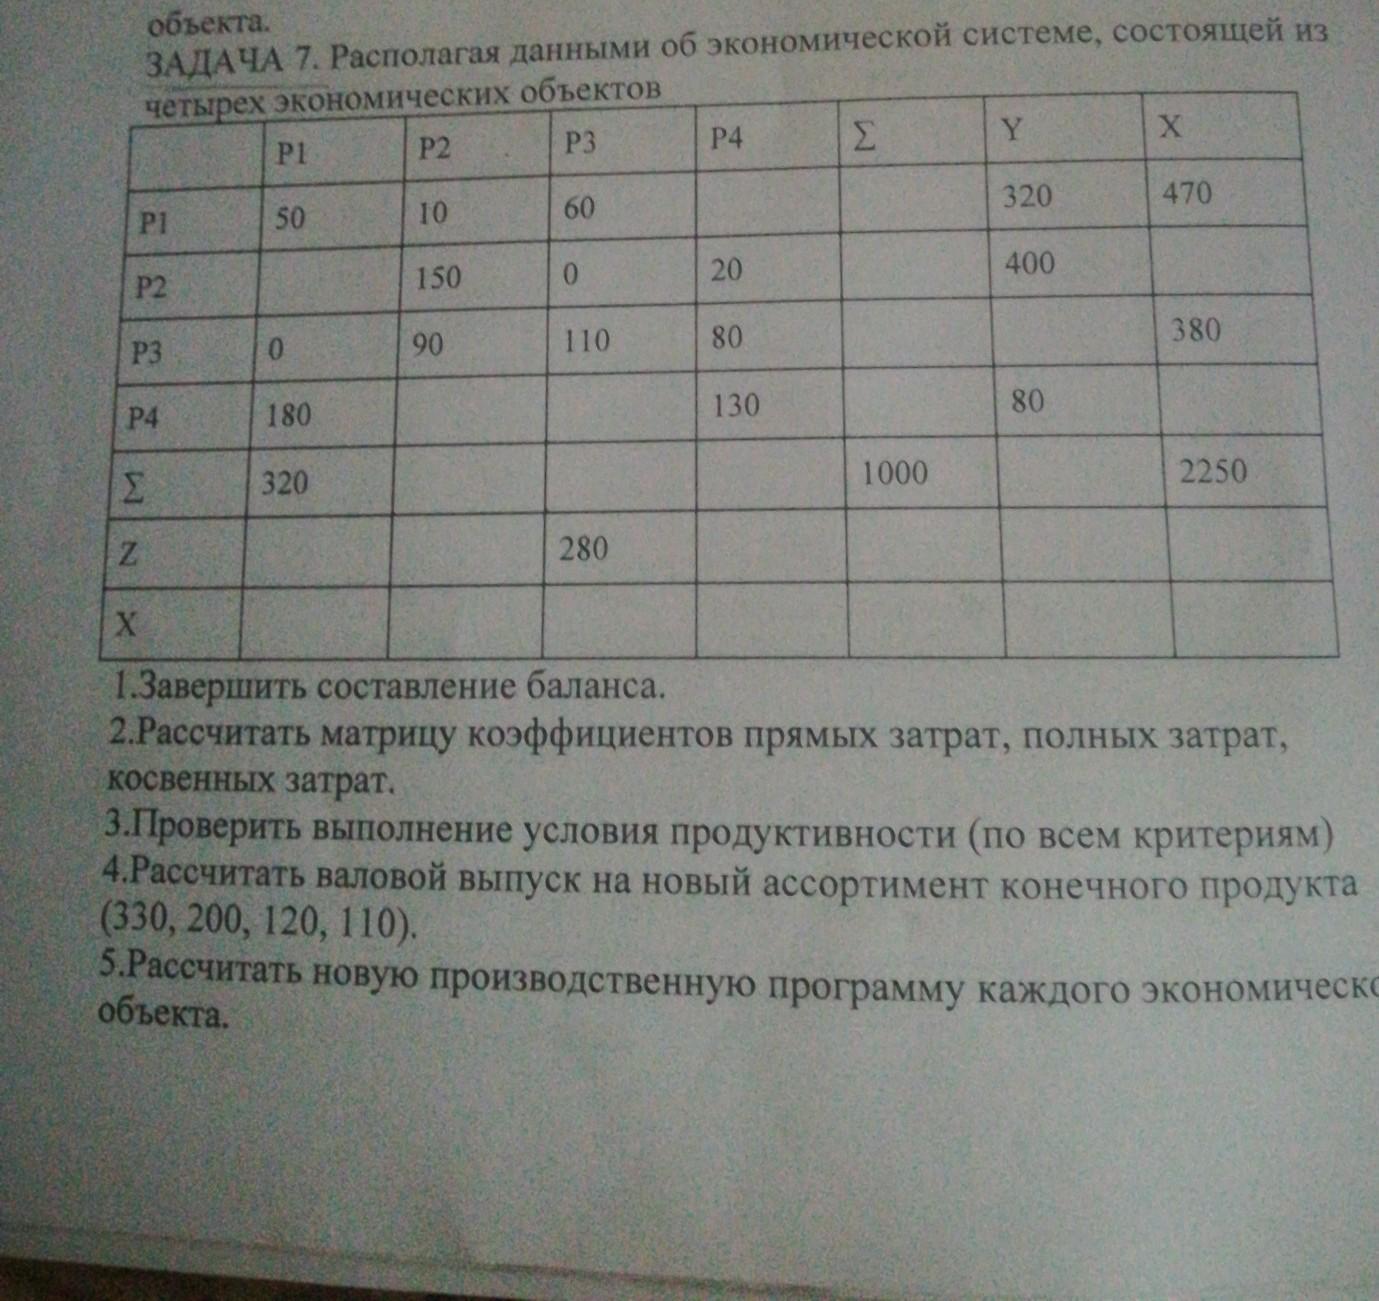 Модель Леонтьева выпуск затраты